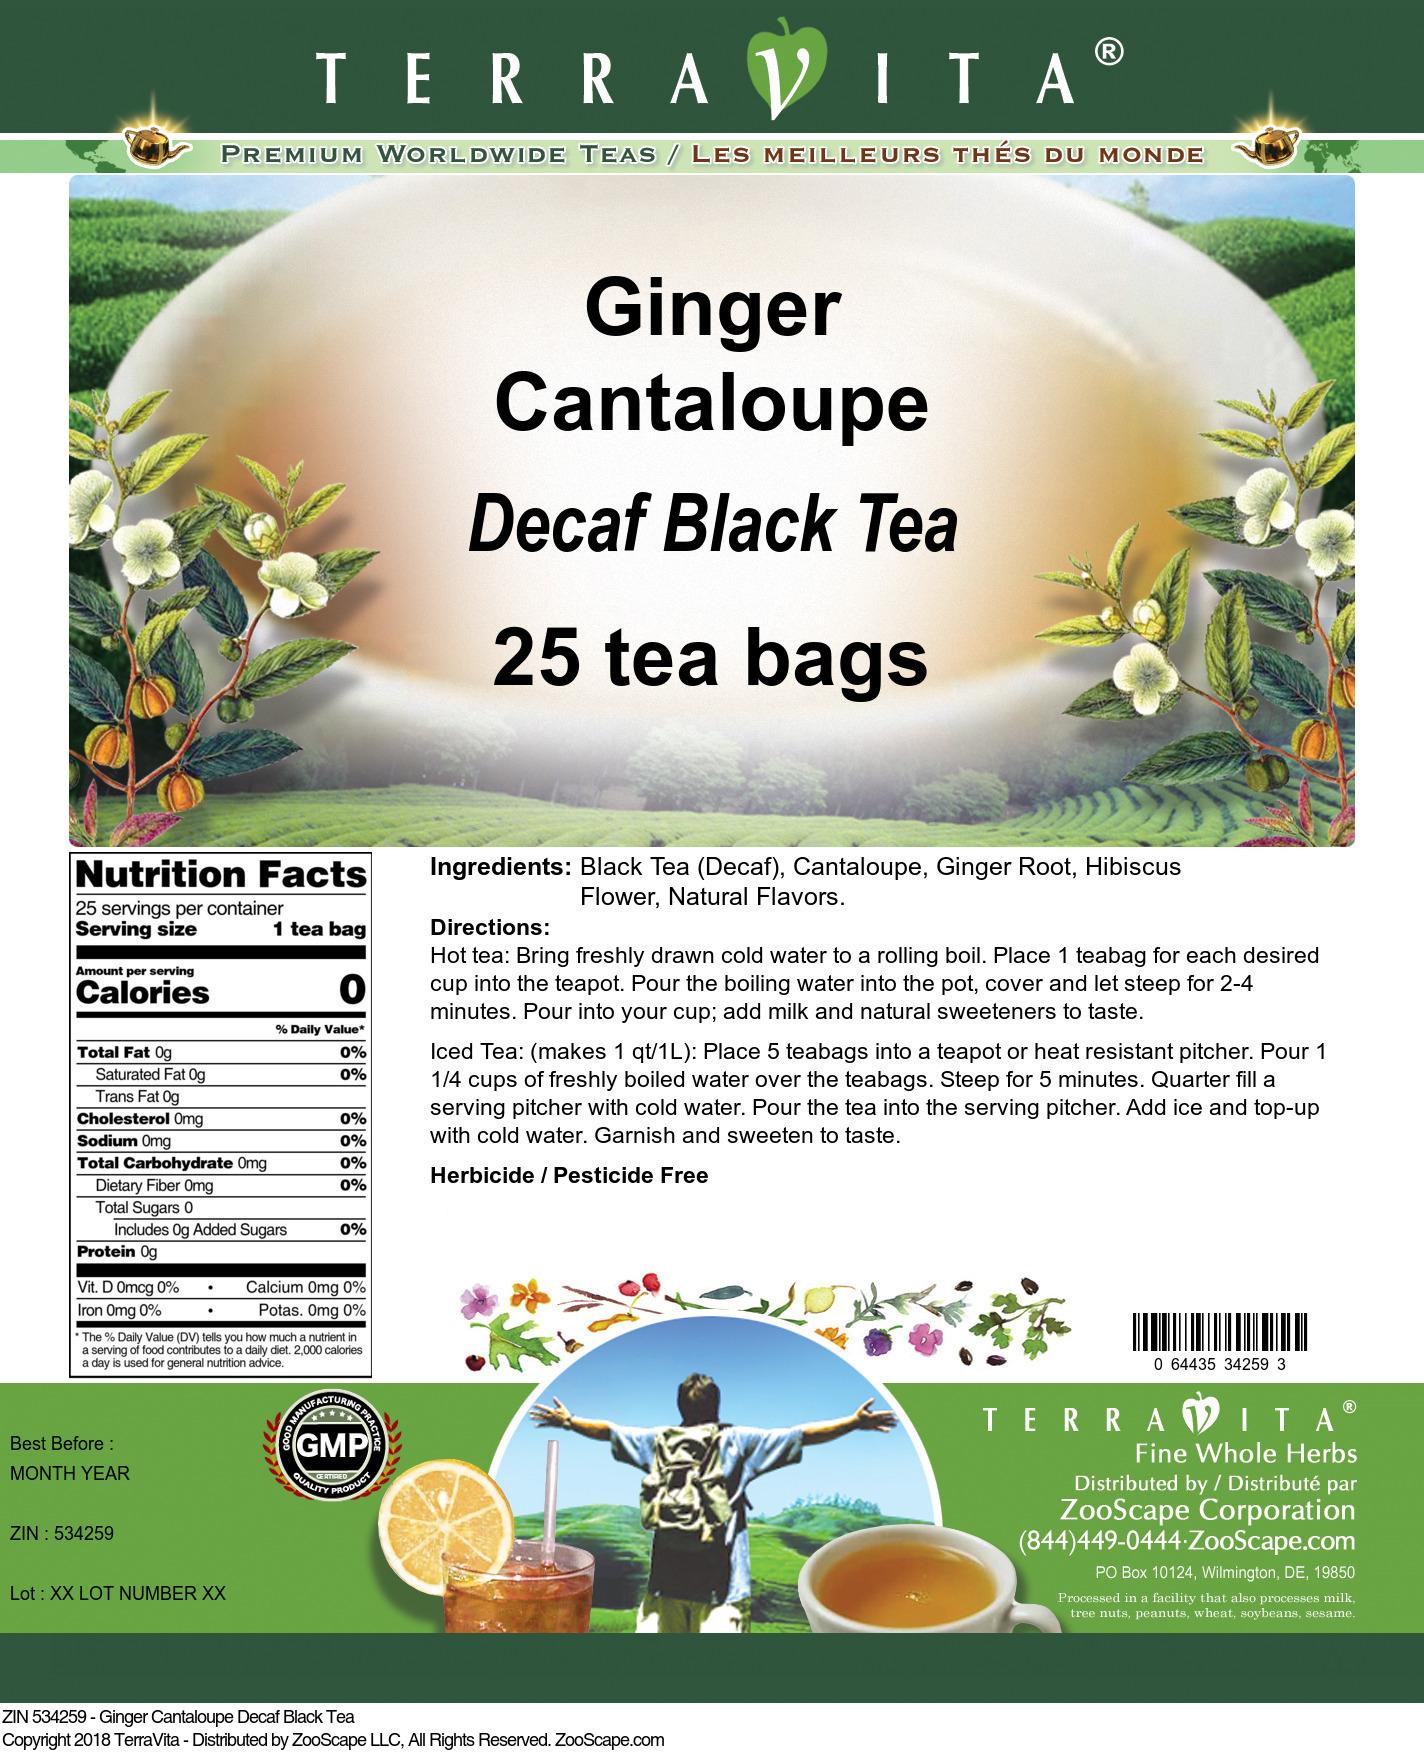 Ginger Cantaloupe Decaf Black Tea